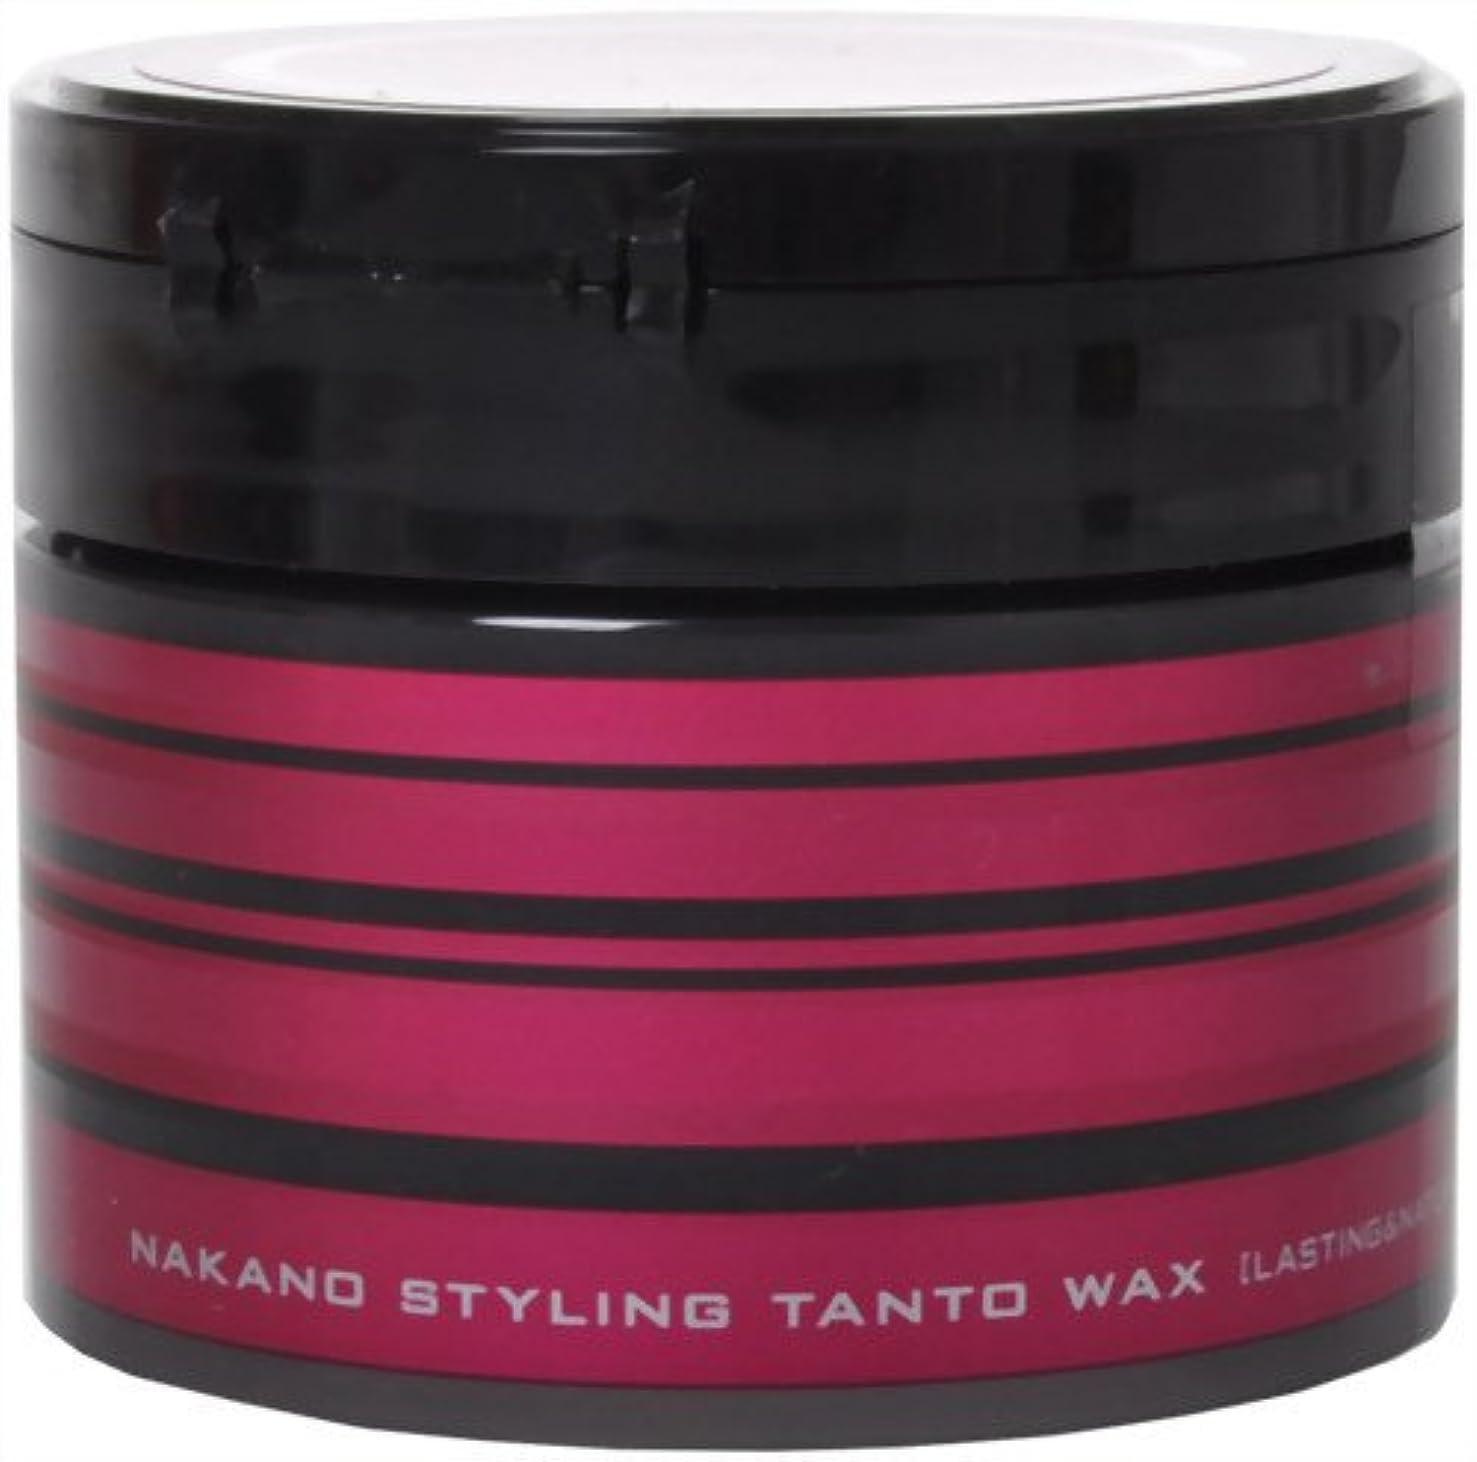 意欲生き返らせる意味のあるナカノ スタイリング タント ワックス7 「ラスティング&ナチュラル」 90g